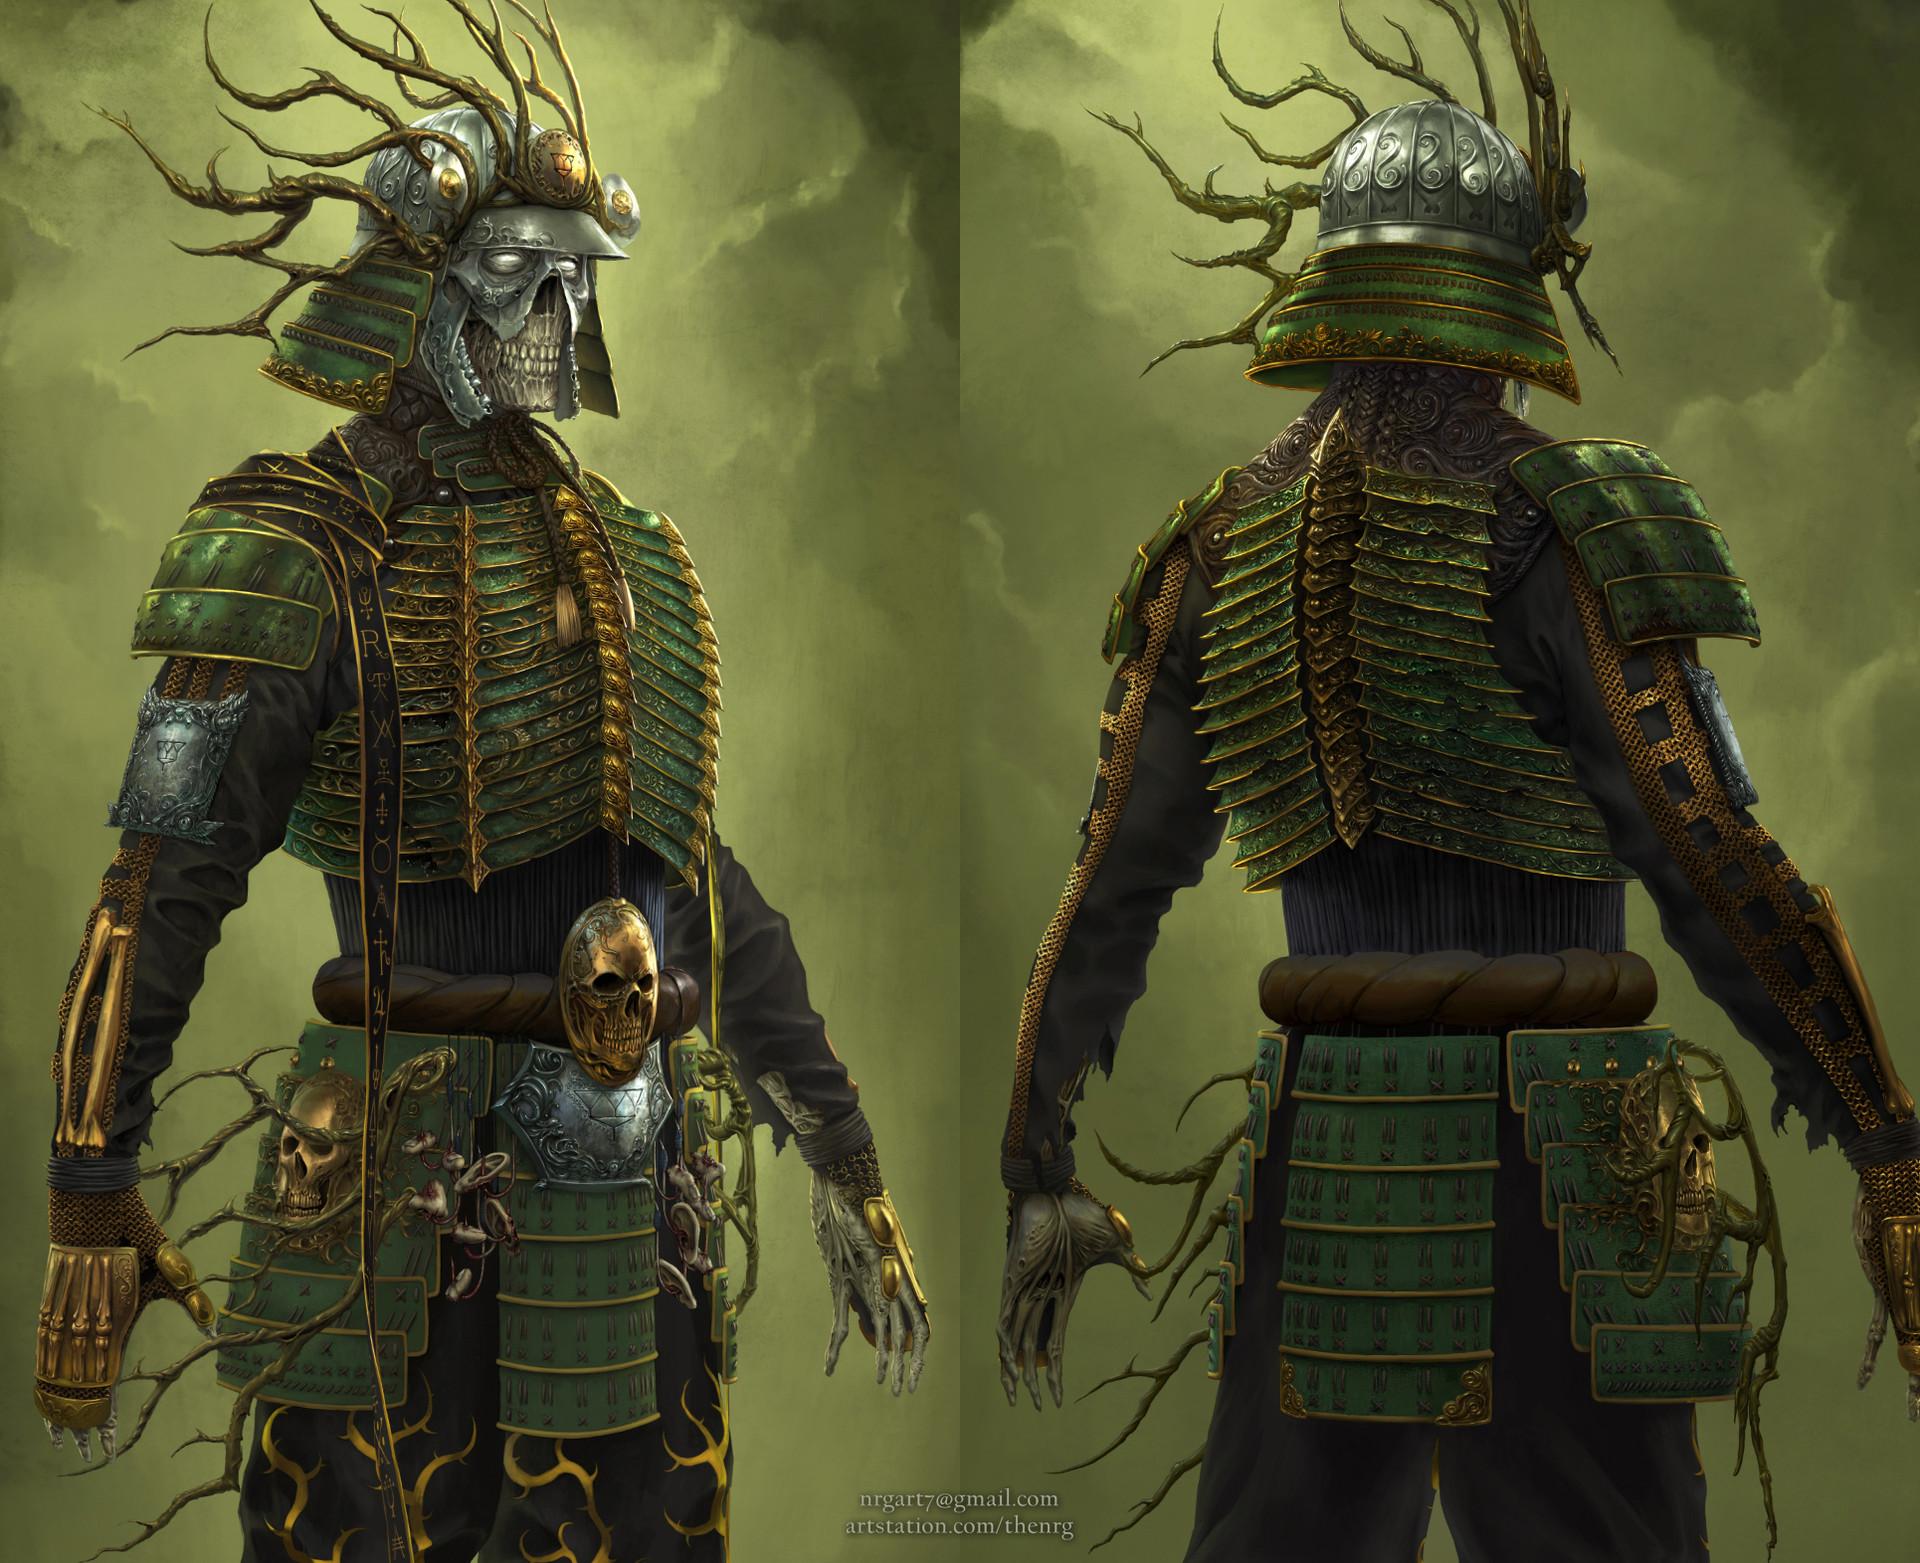 The nrg tsumetai ikari death samurai statue concept design by nrg crop10